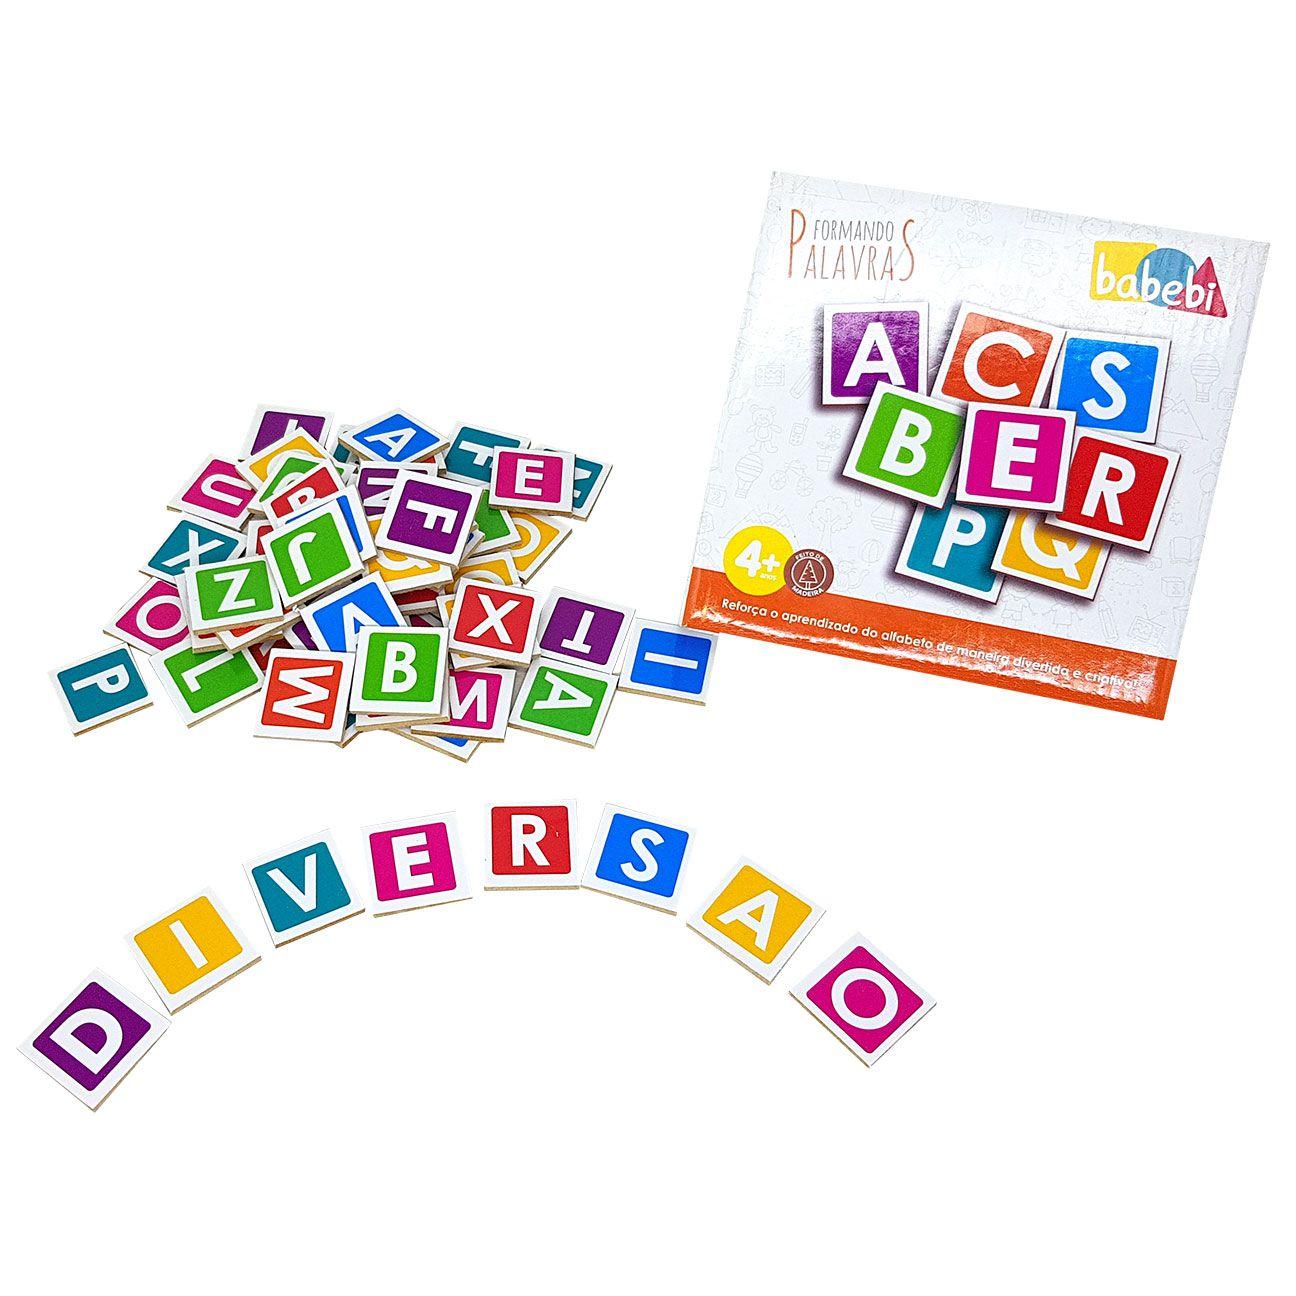 Jogo Formando Palavras Alfabeto 64 letras - Babebi 6020